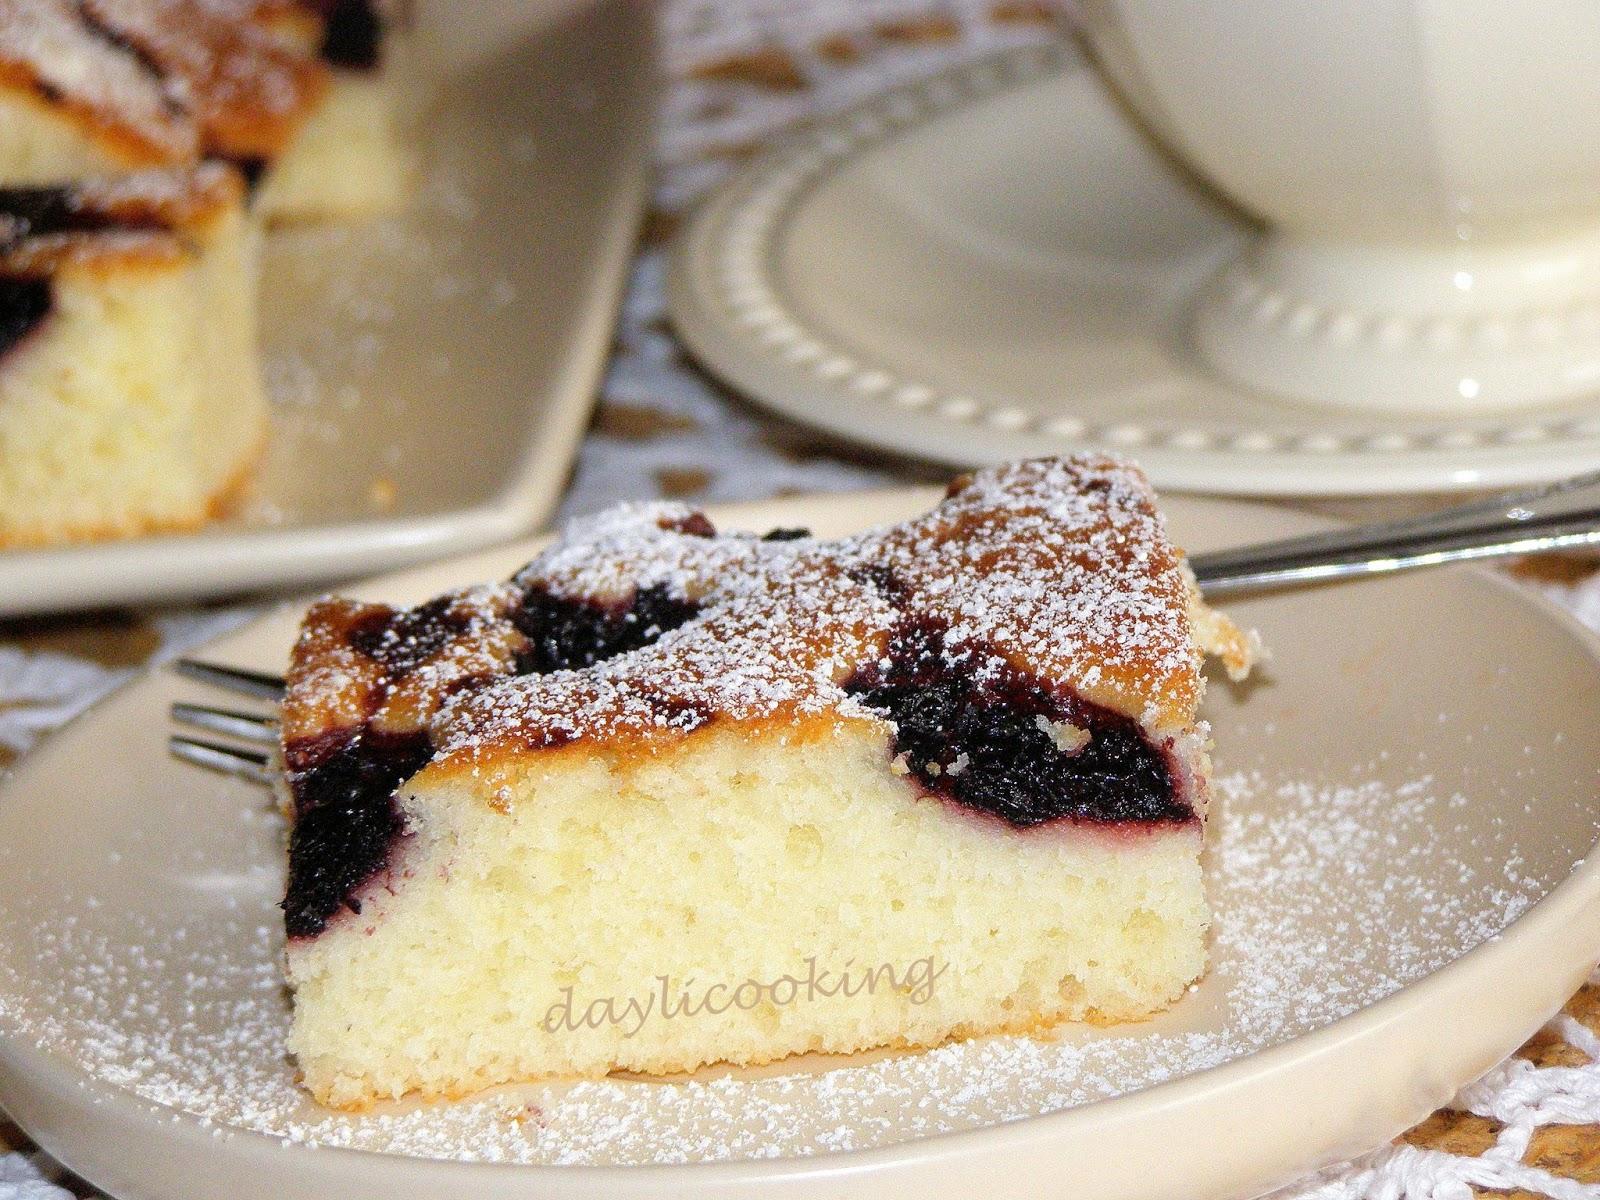 sprawdzony przepis na ciasto jogurtowe, lekkie ciasto z owocami, daylicooking